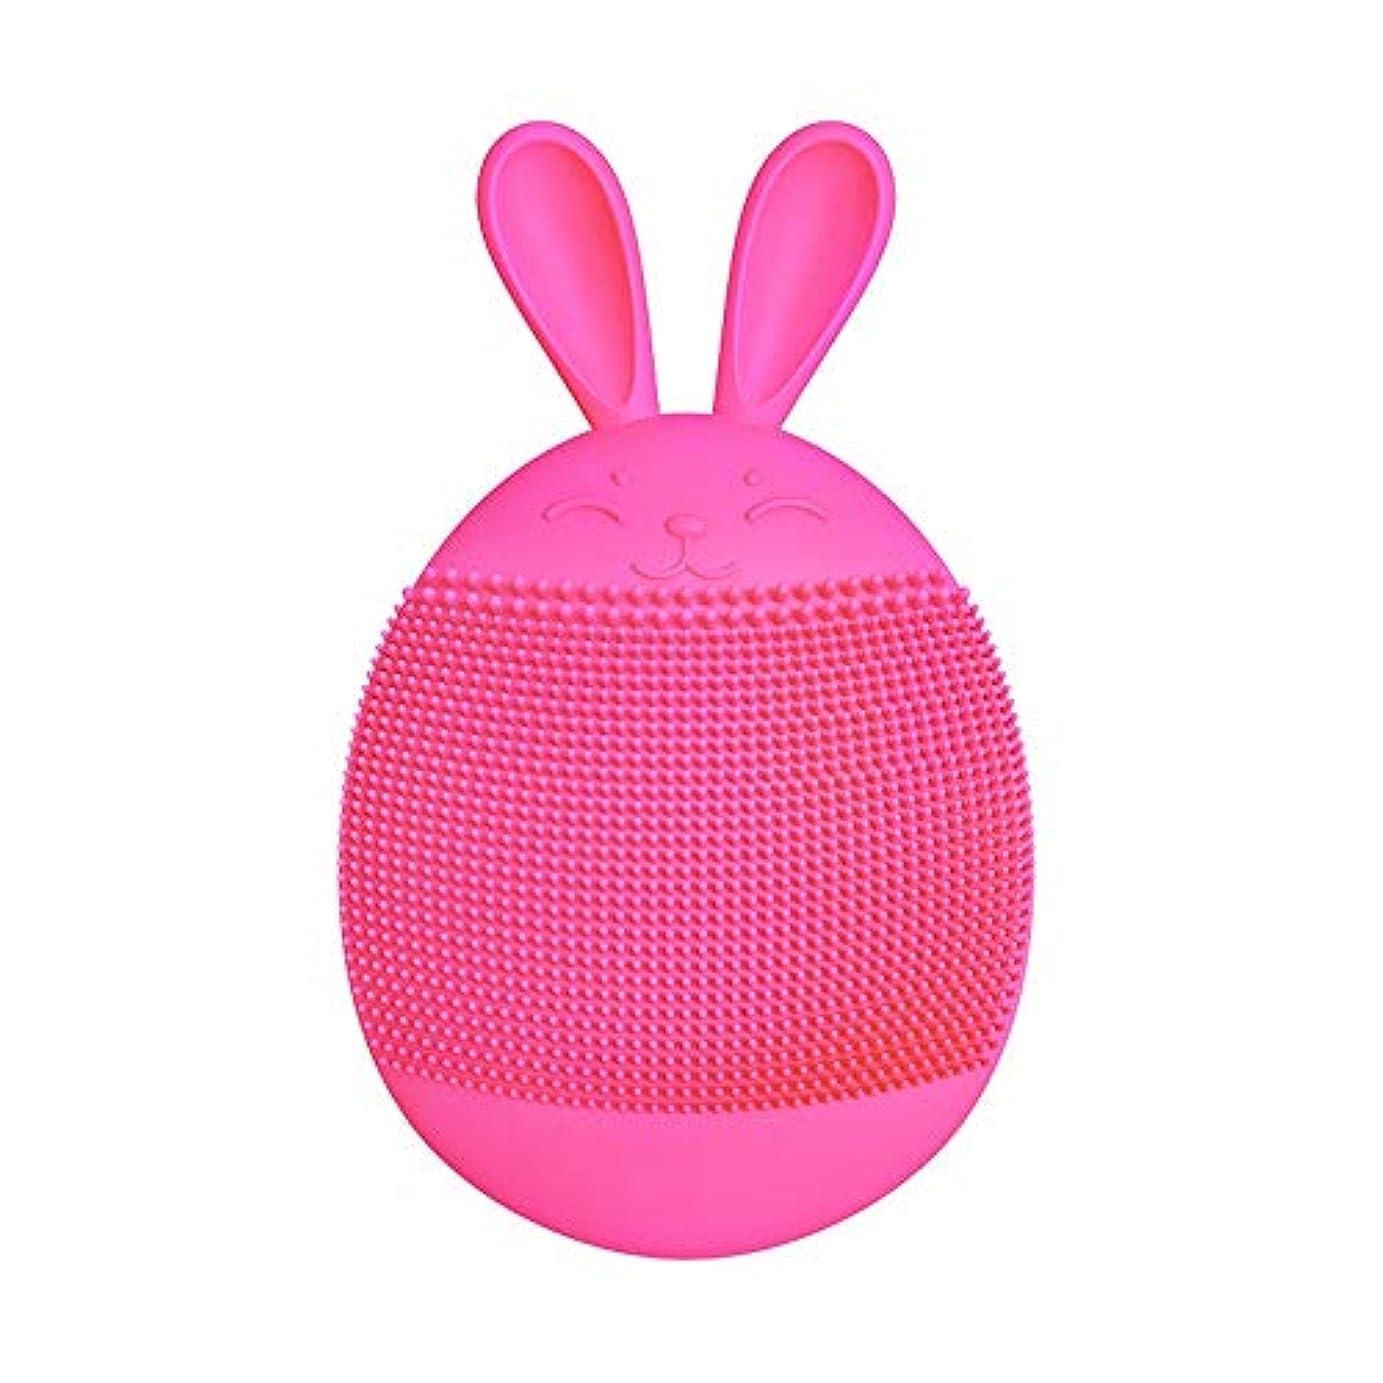 しがみつく蒸遮るZXF 超音波電動シリコーン洗顔器ポア洗顔洗顔ピンクレッド 滑らかである (色 : Red)